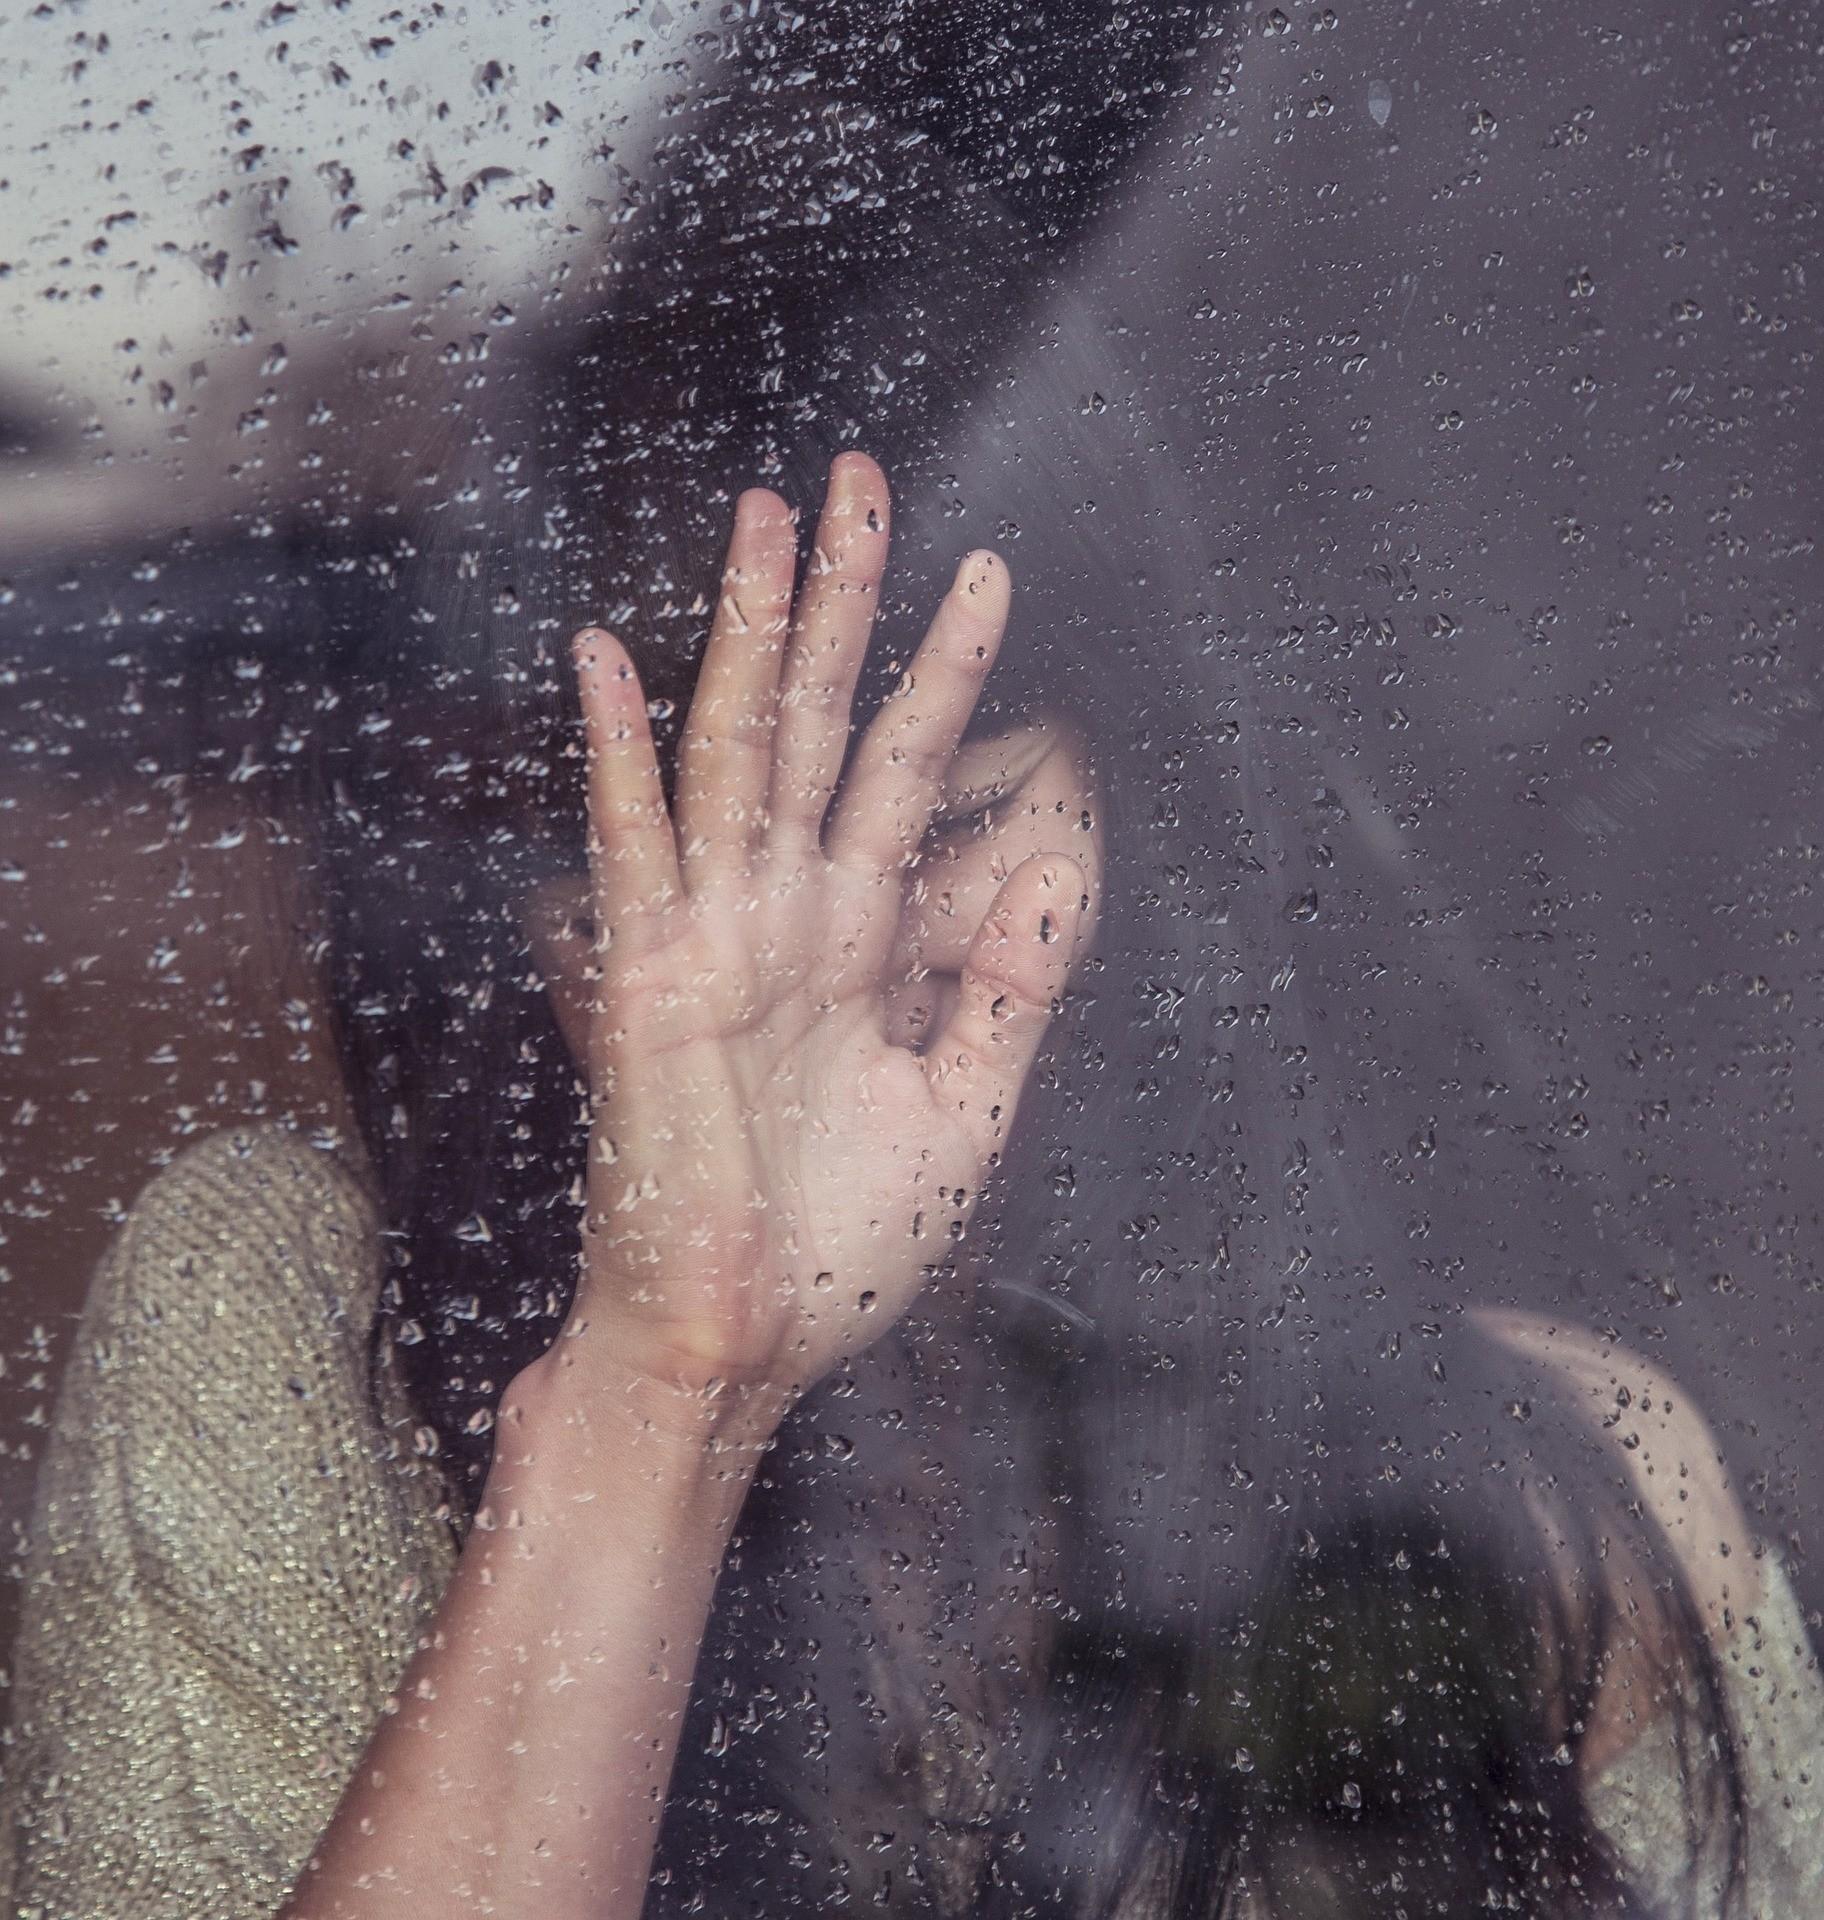 ▲失戀。(圖/取自免費圖庫Pixabay)